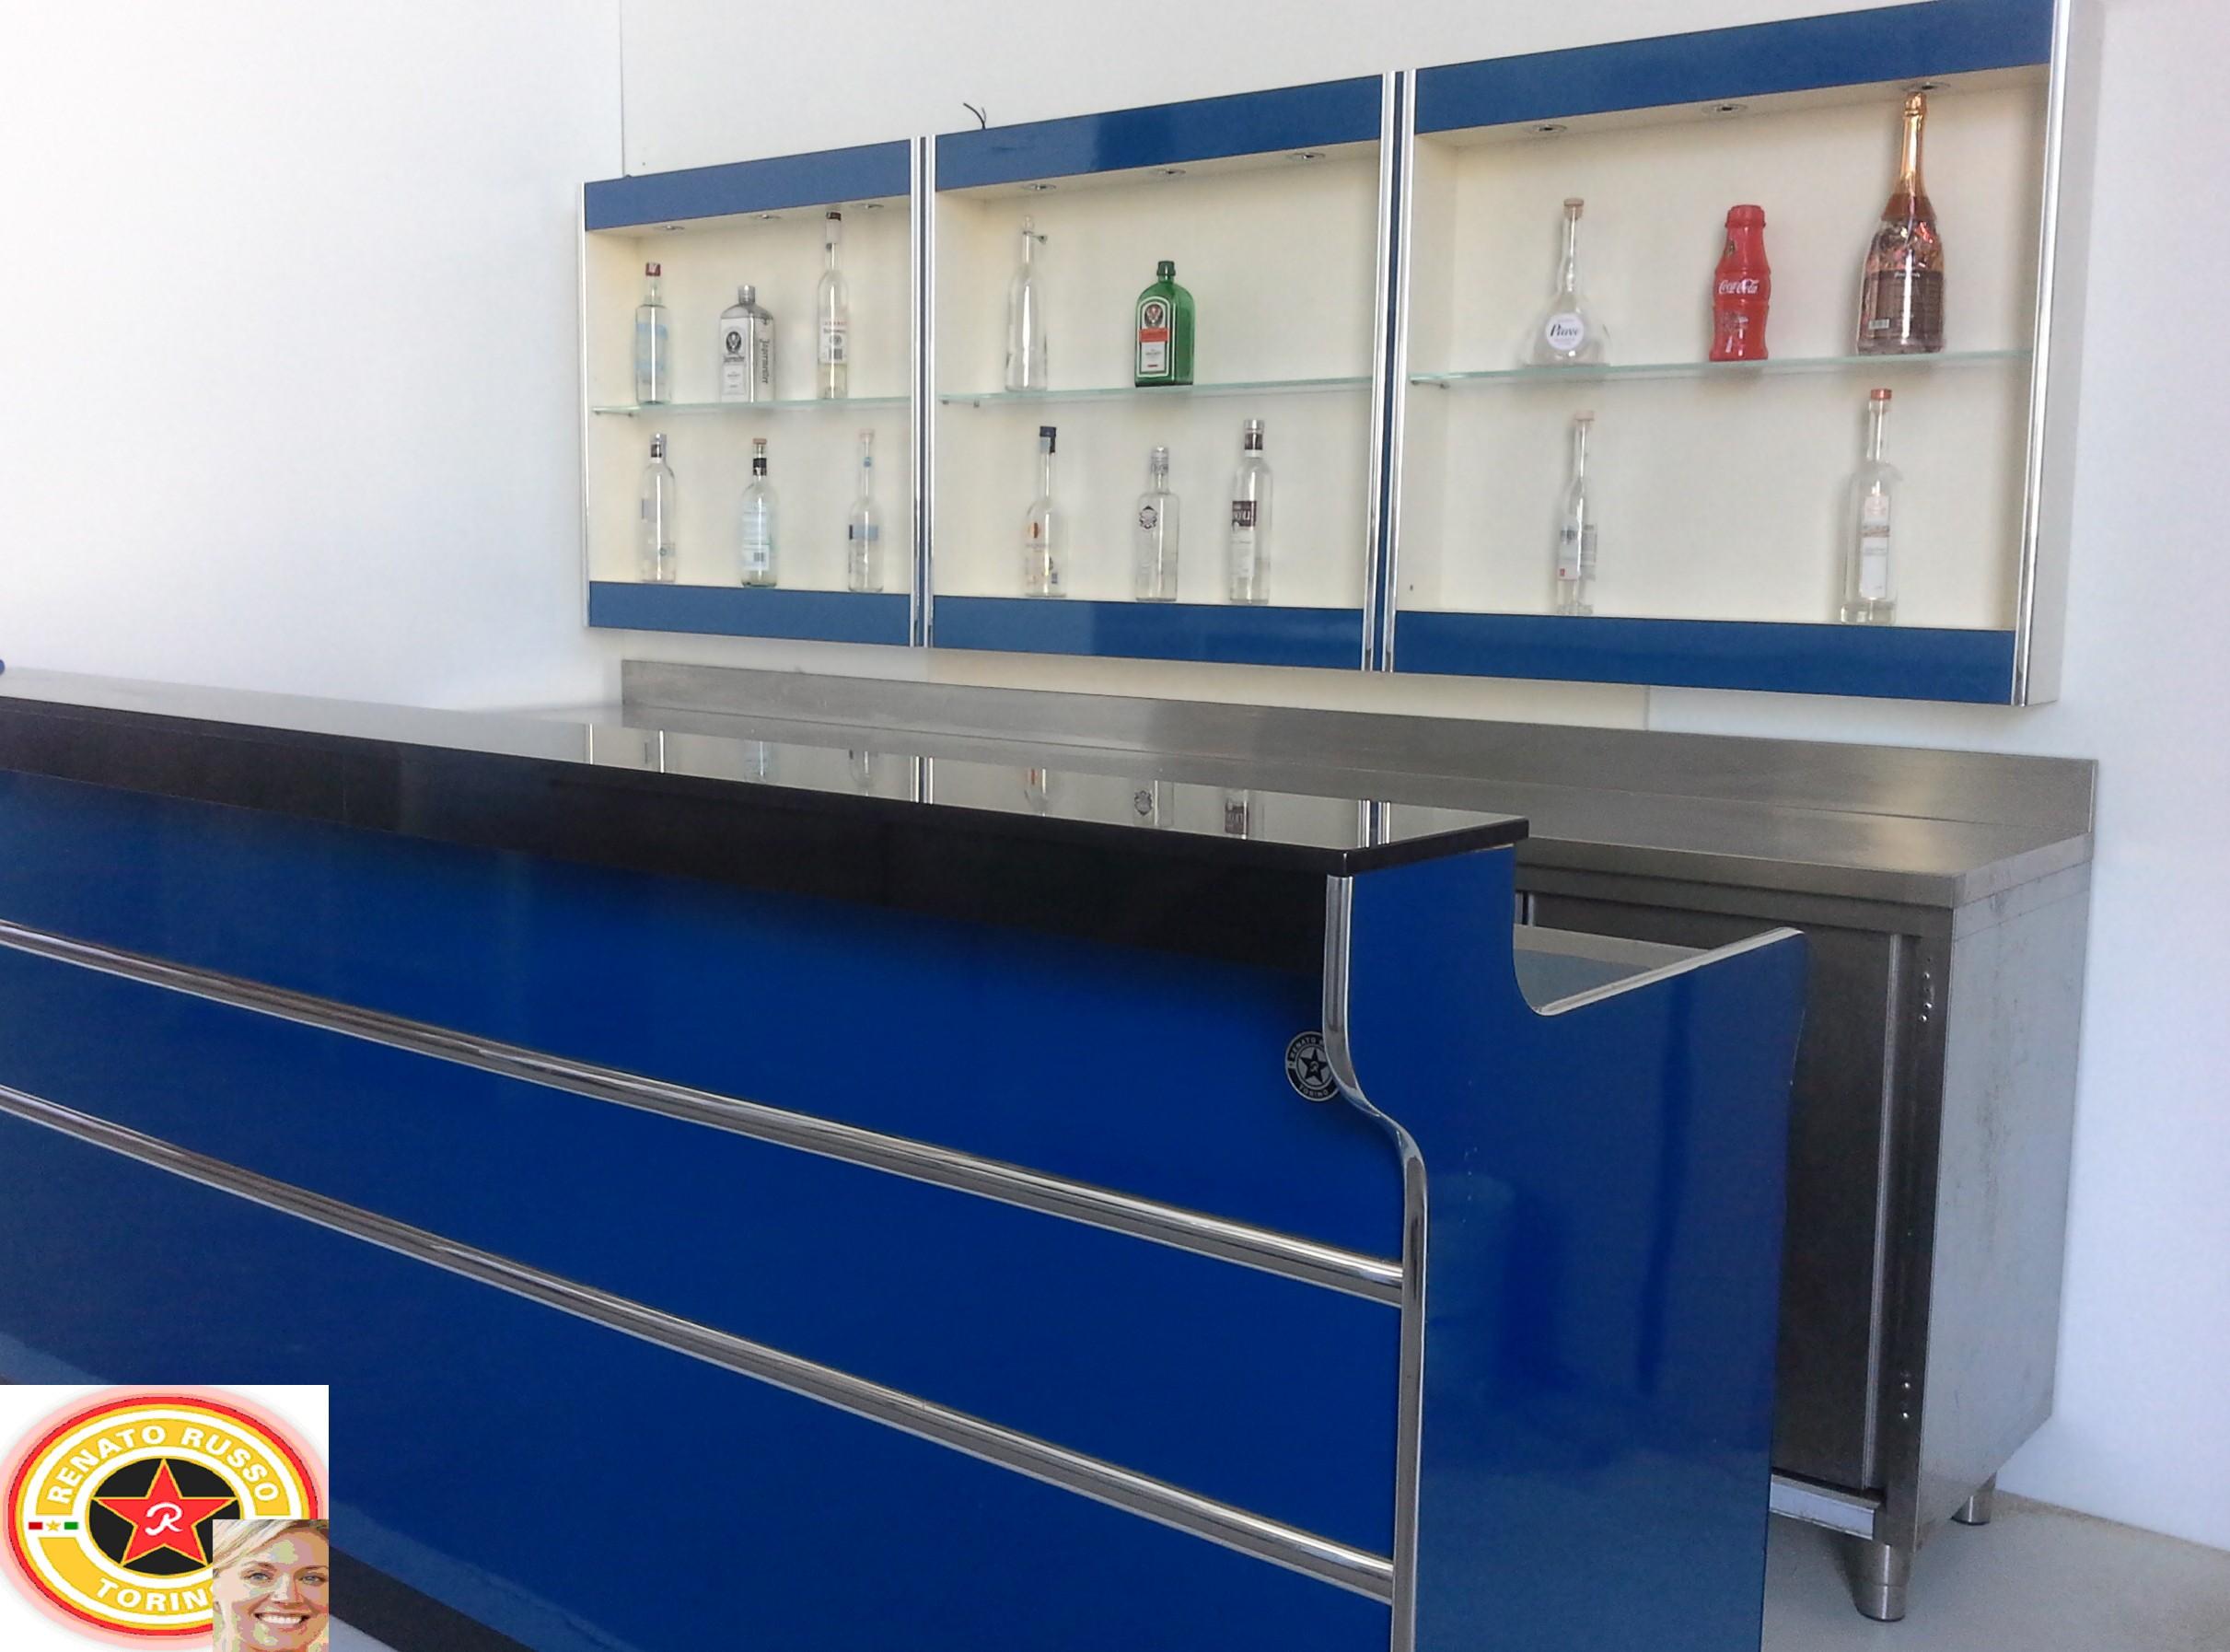 Bancone Bar Per Casa banco bar mare blù cm.300 completo di pedana e retroabanco